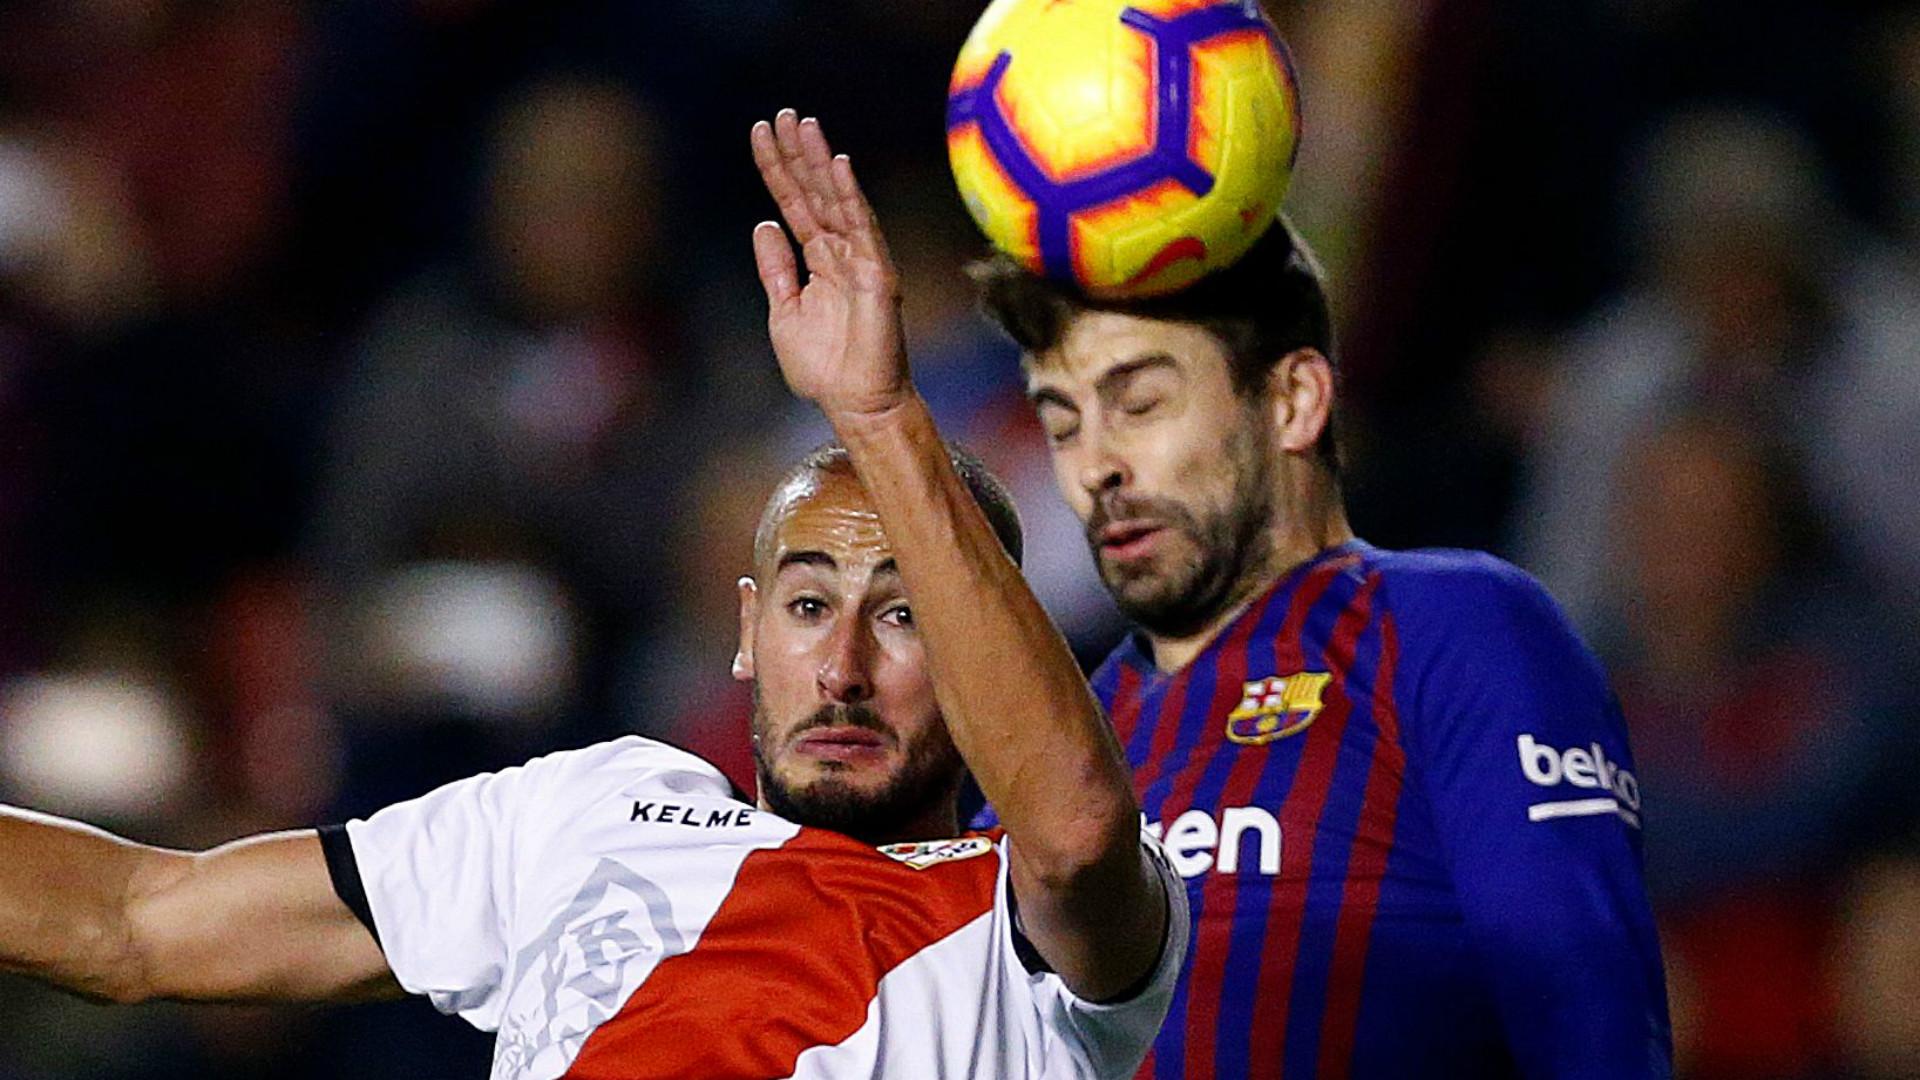 rayo vallecano v barcelone r u00e9sum u00e9 du match  03  11  2018